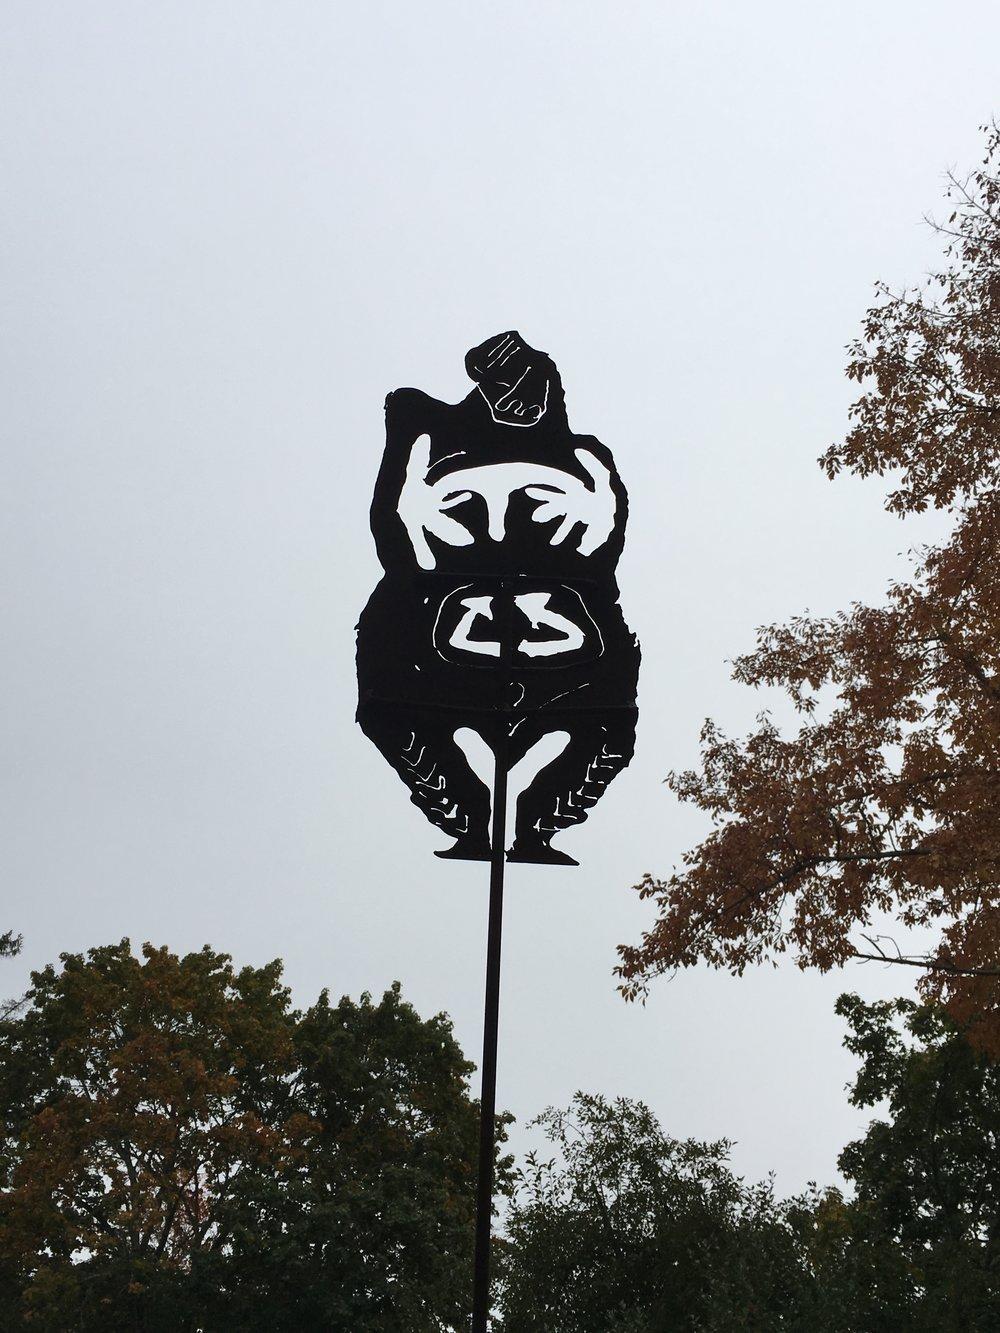 2018-10-13 003 dgc permasculpture garden copy.jpg